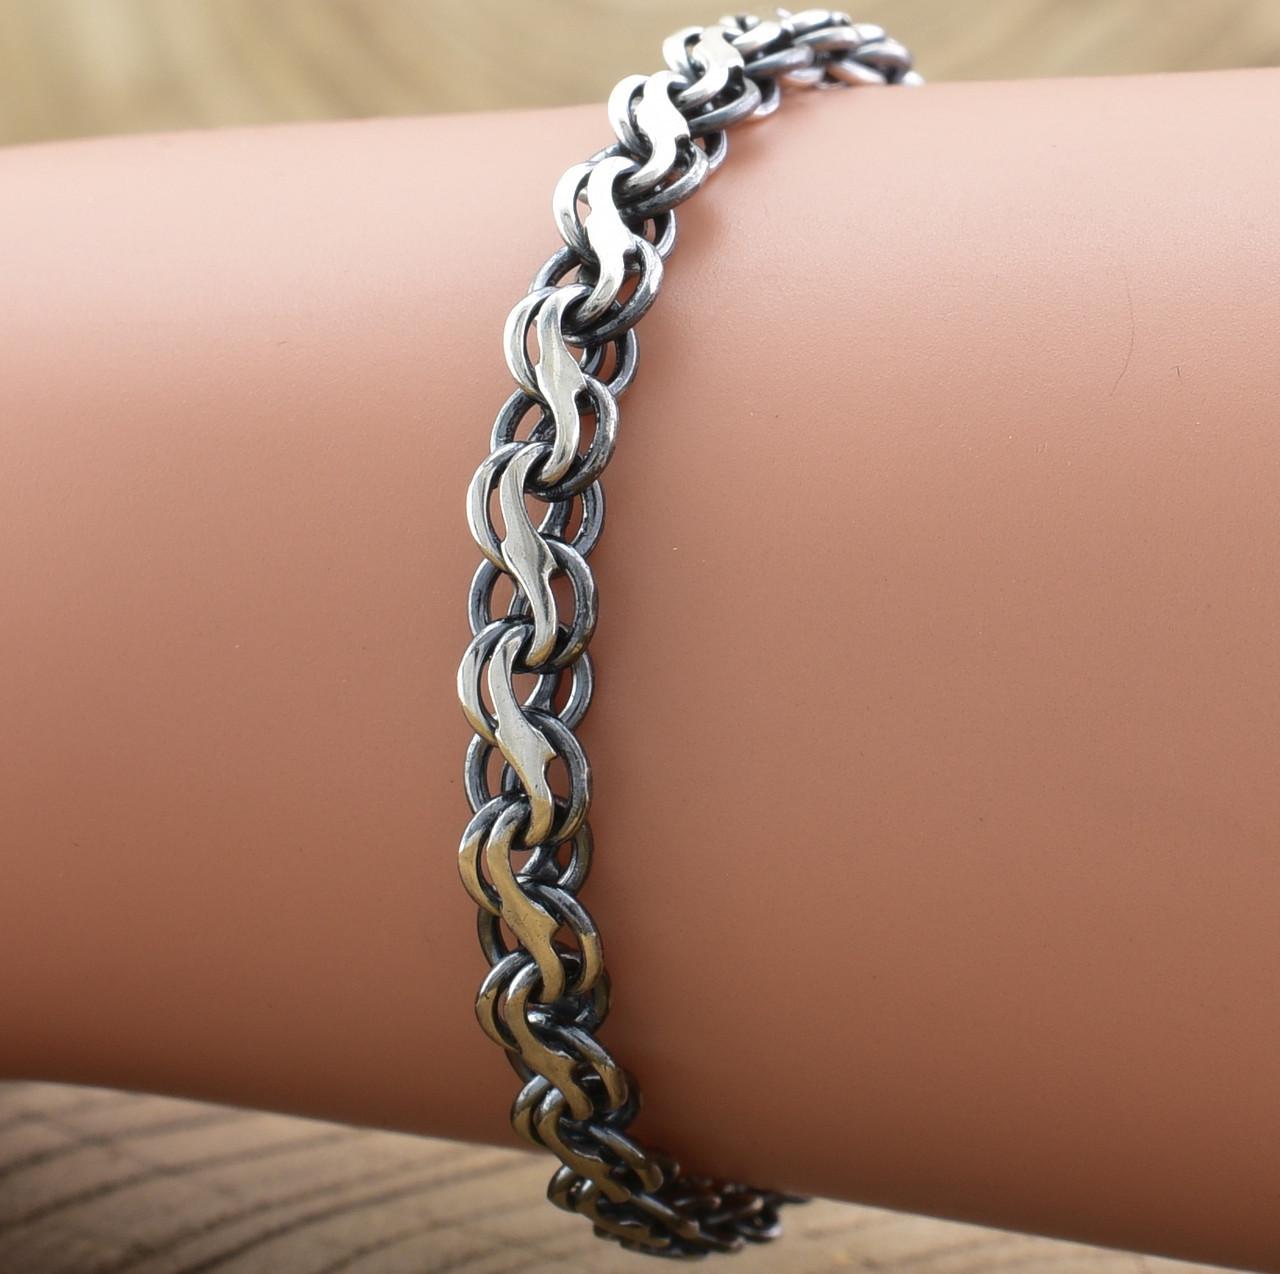 Серебряный браслет с чернением Венеция длина 20 см ширина 5 мм вес серебра 8.6 г